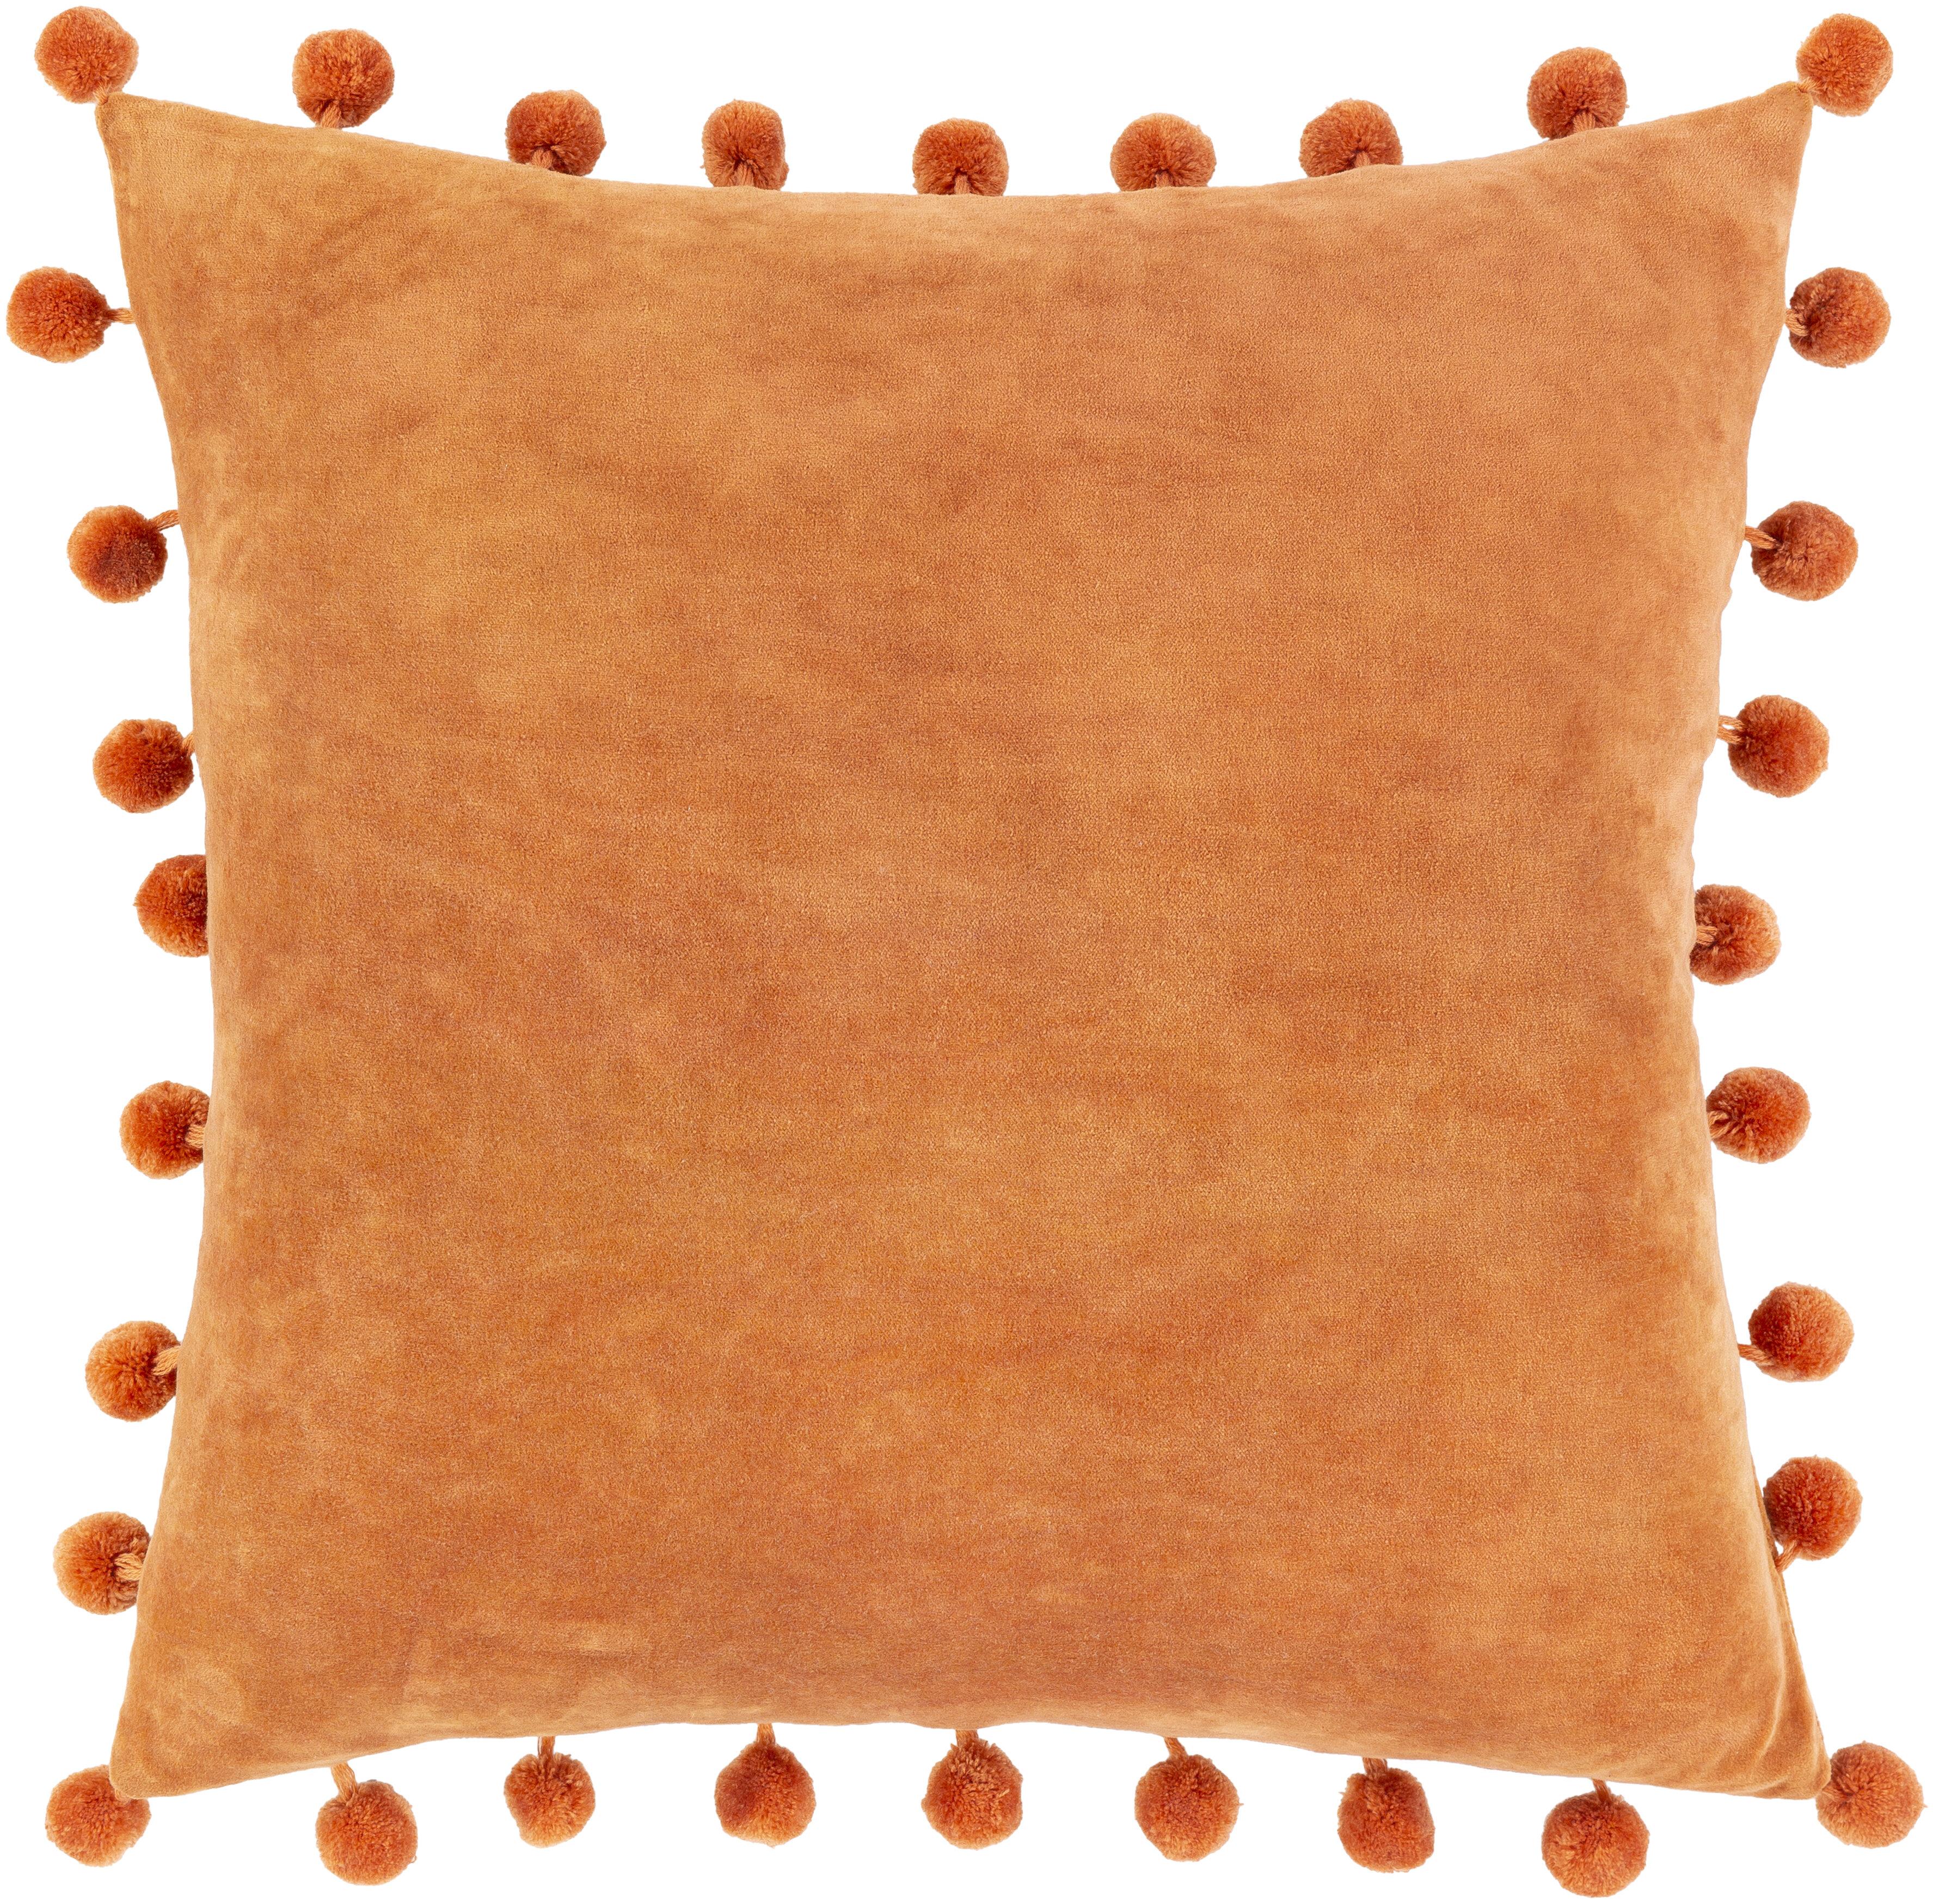 Ridpath Velvet Throw Pillow Cover Reviews Joss Main